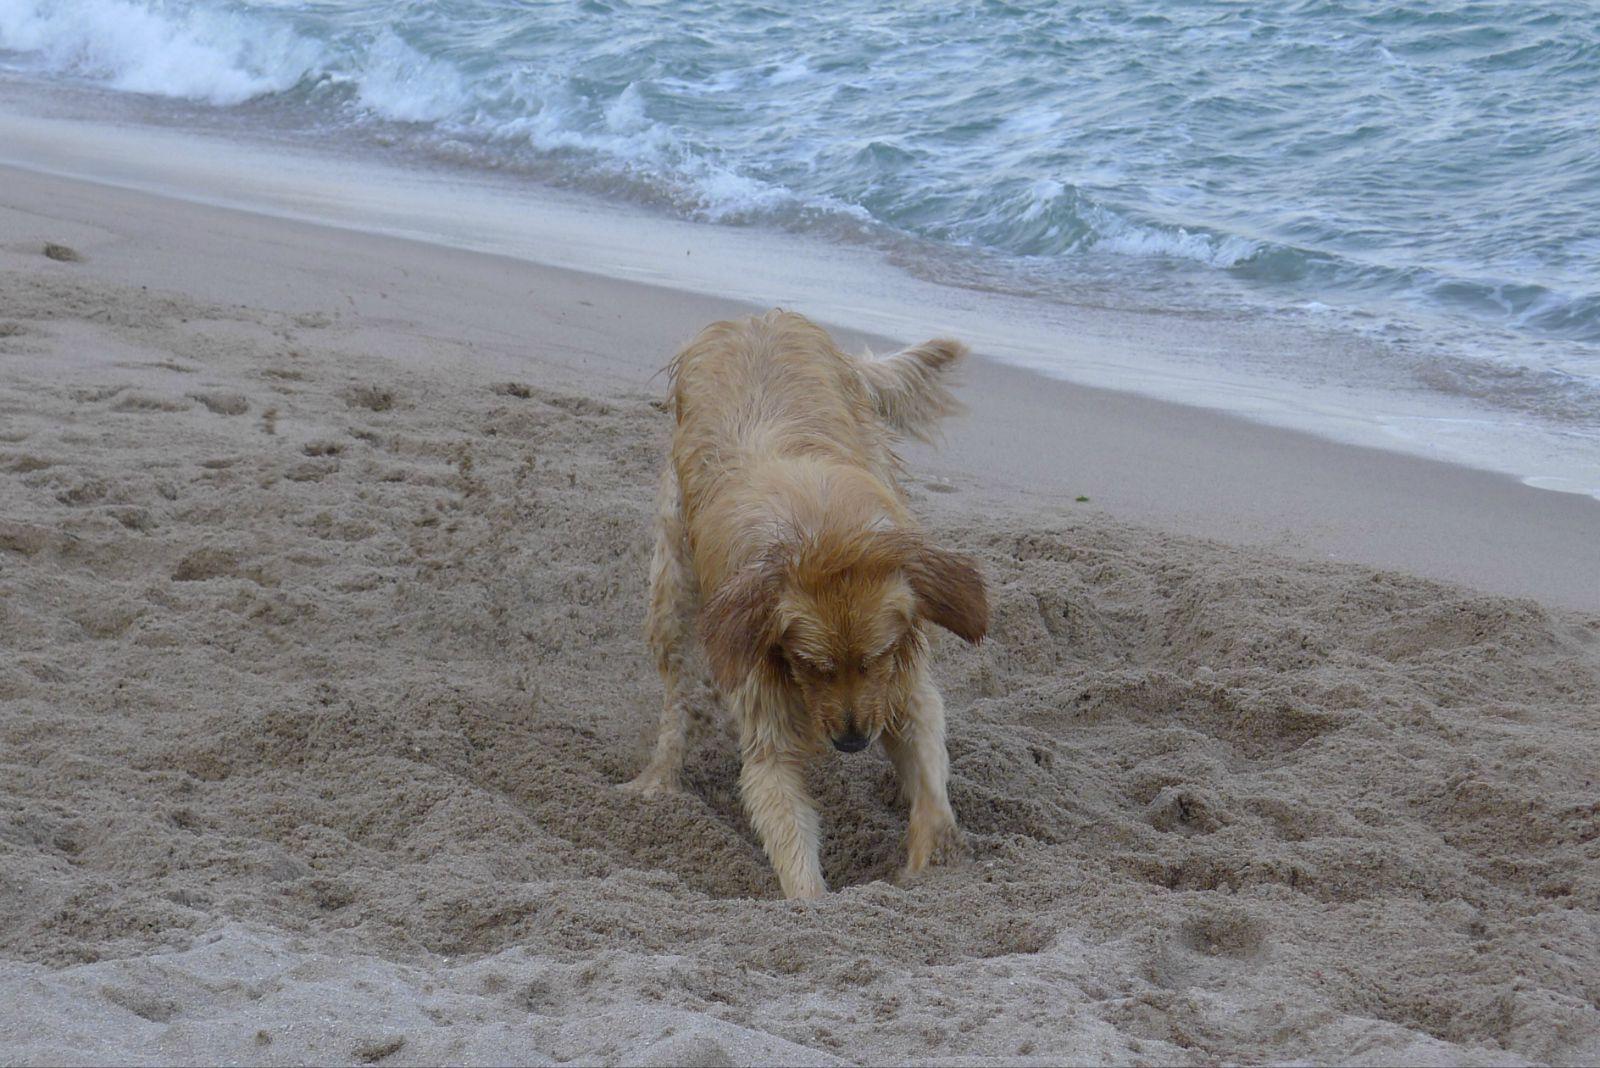 海鲜 海滩 海浪=海皮——青岛日照游